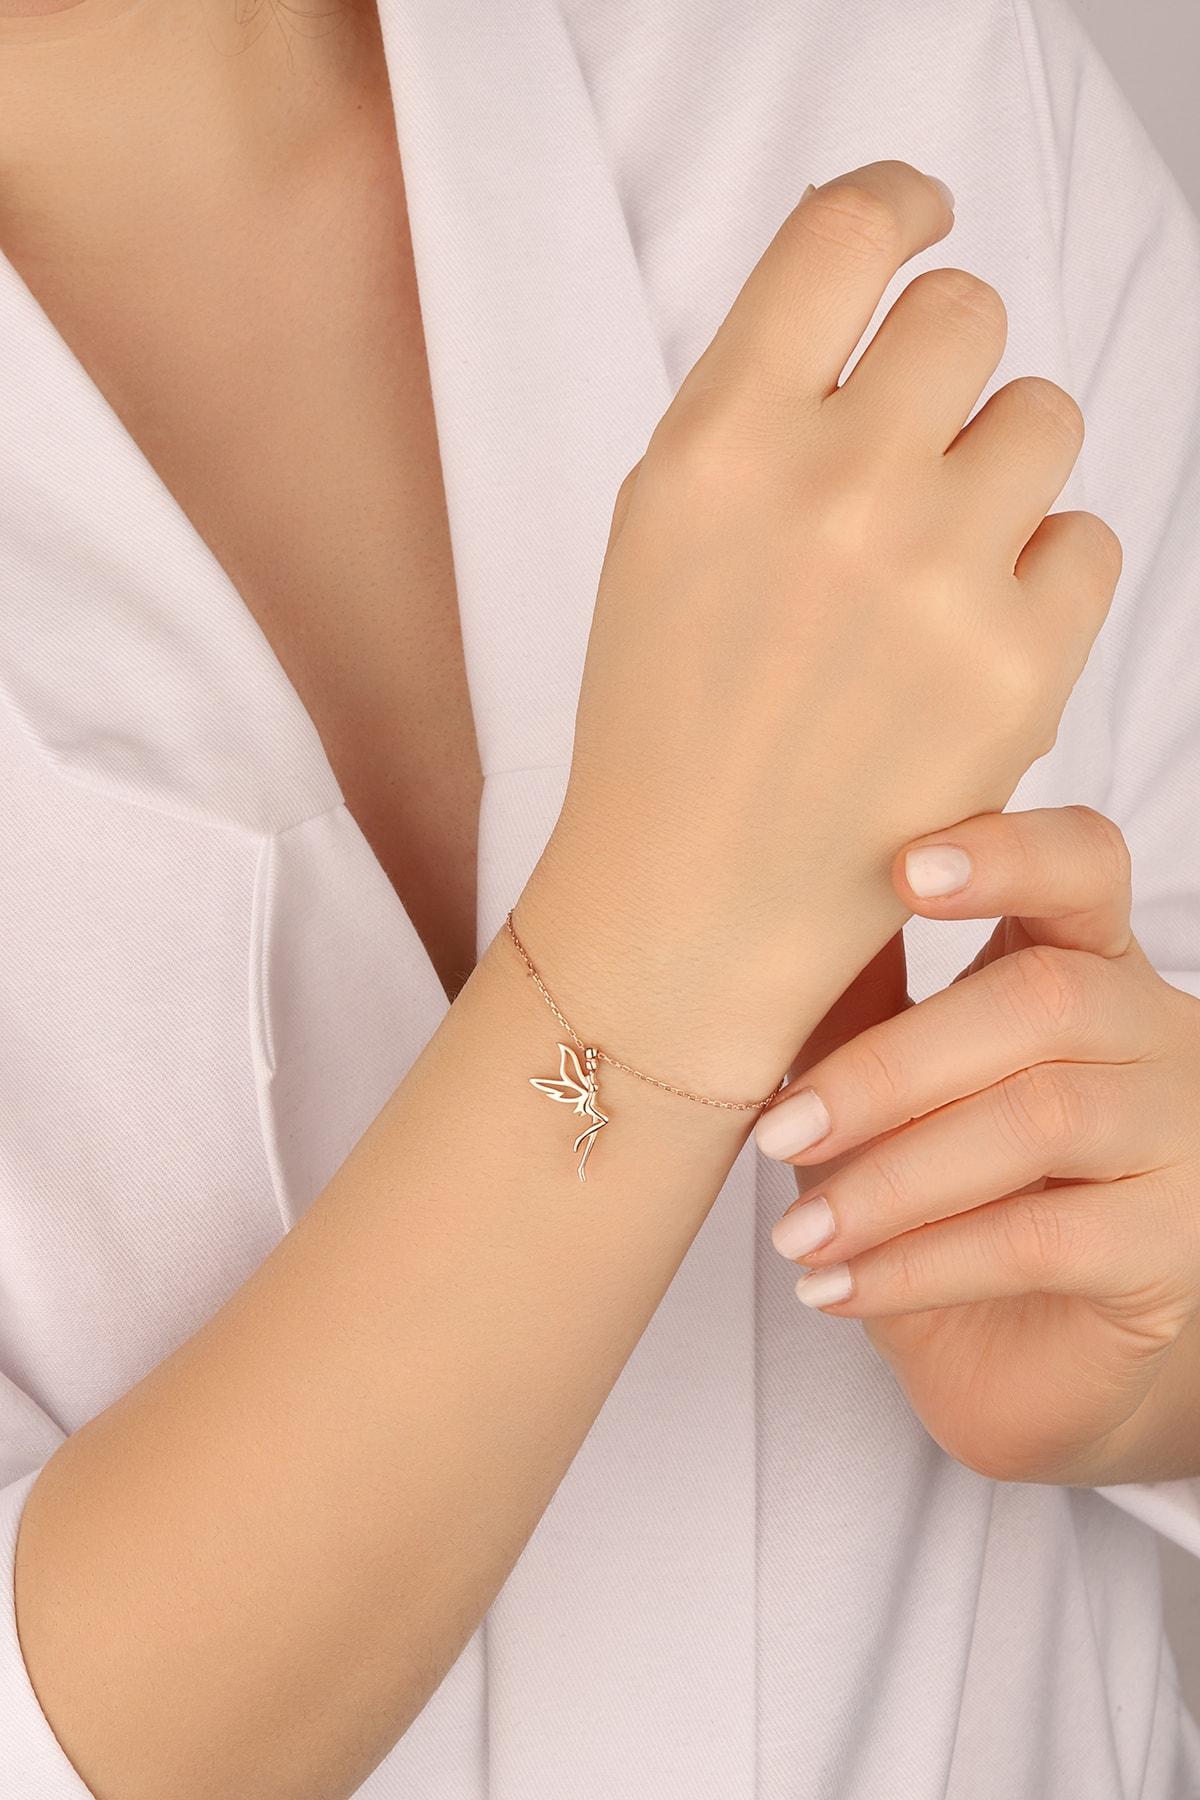 Lia Berto Kadın Rose Tinkerbell Su Perisi 925 Ayar Gümüş Bileklik 2